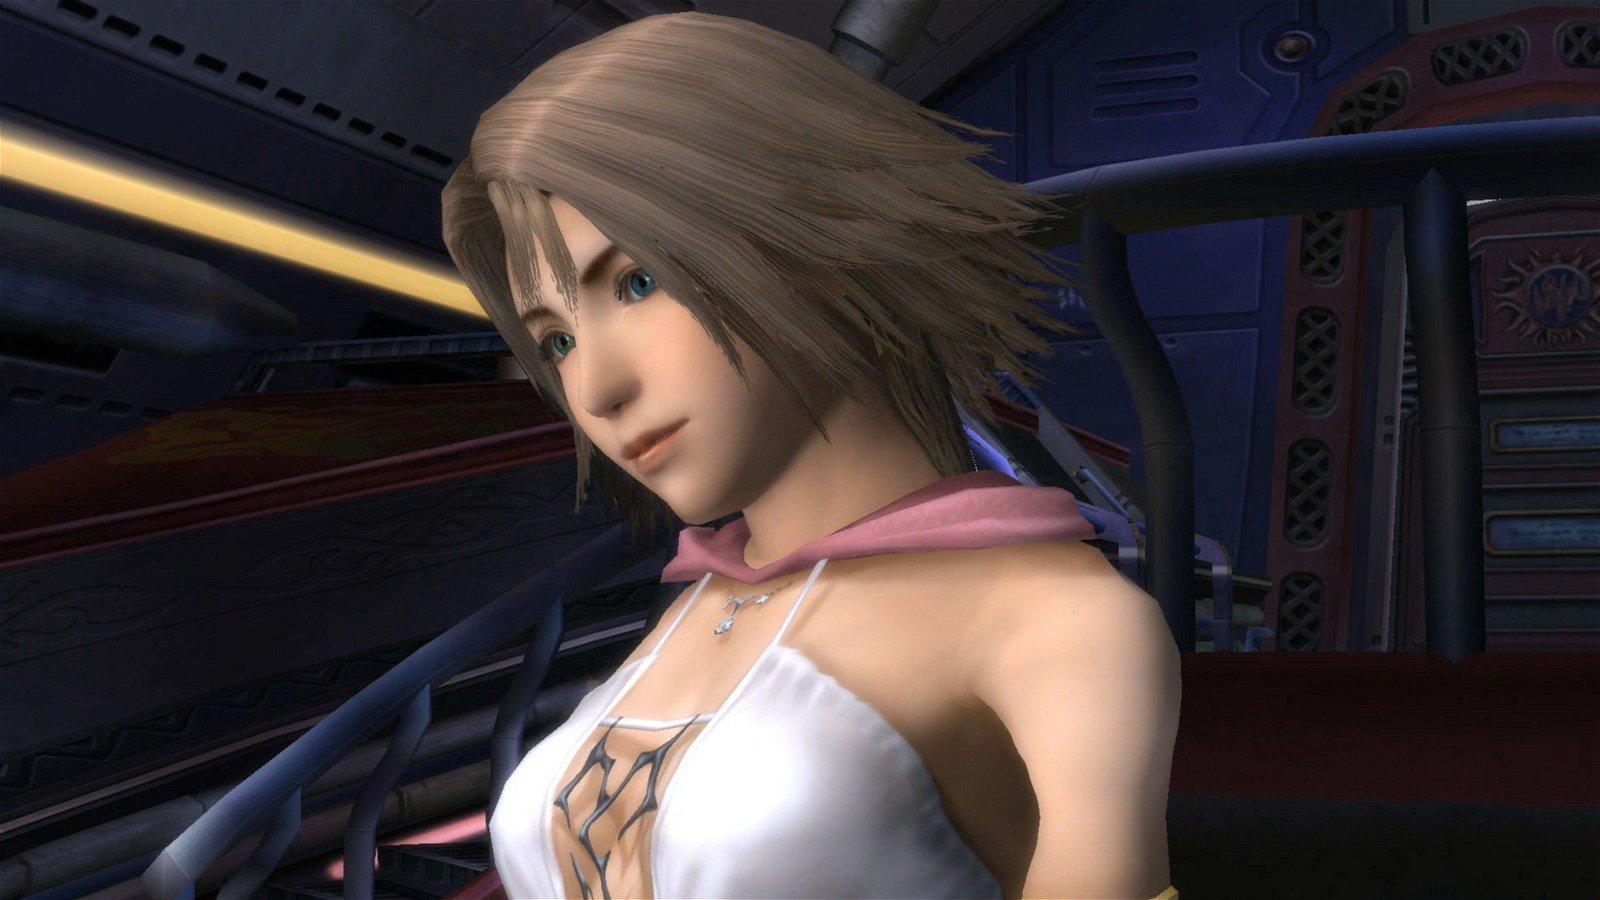 Las protagonistas femeninas de Final Fantasy, clasificadas de peor a mejor